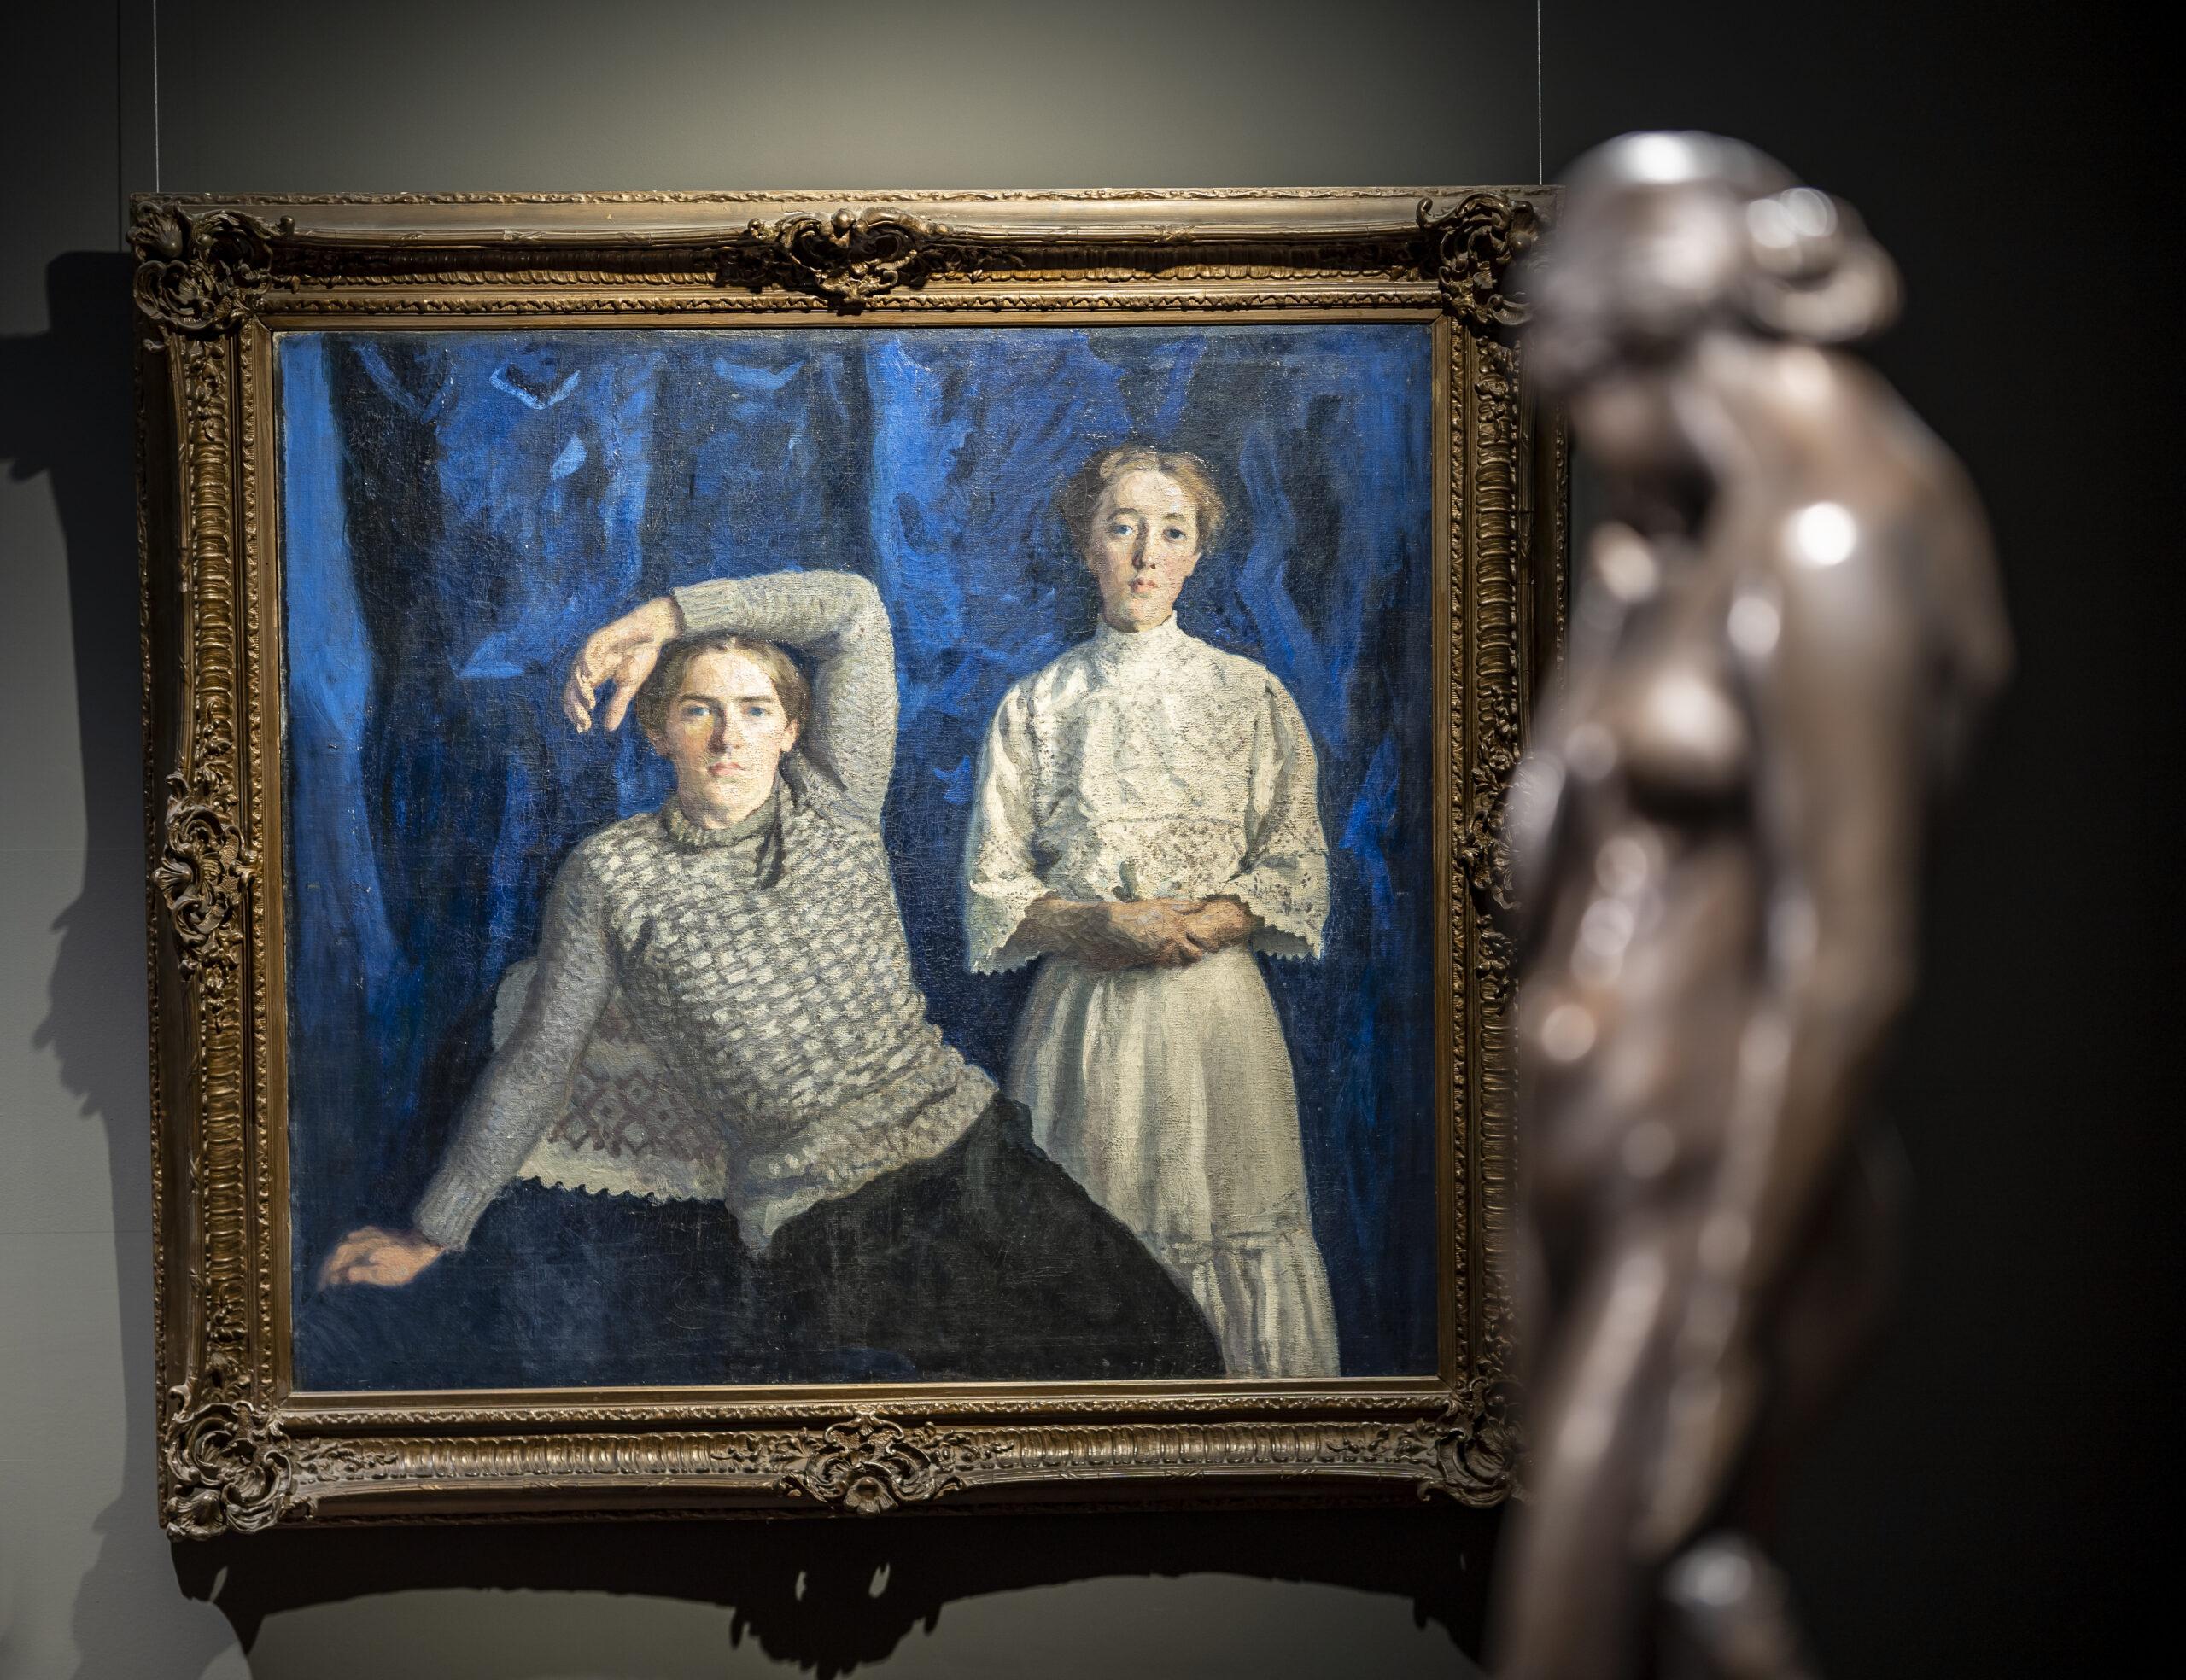 Ferenczy Károly gyermekei: Noémi és Béni - Magyar Nemzeti Galéria - fotó: Szántó András